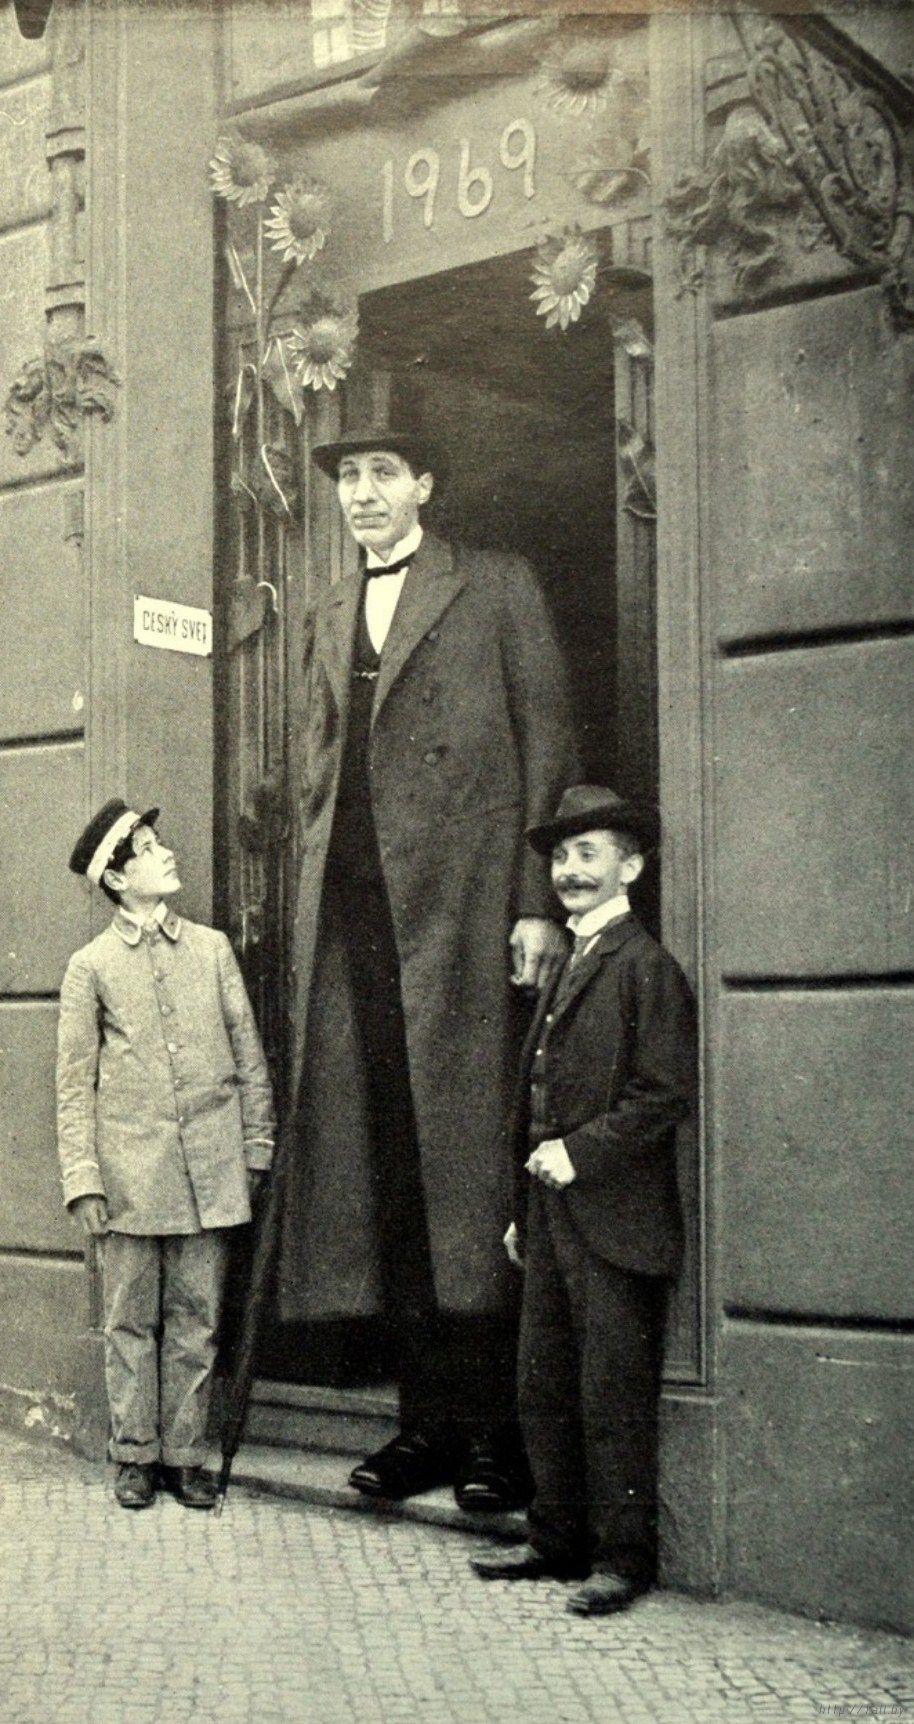 махно высокий человек фото можете